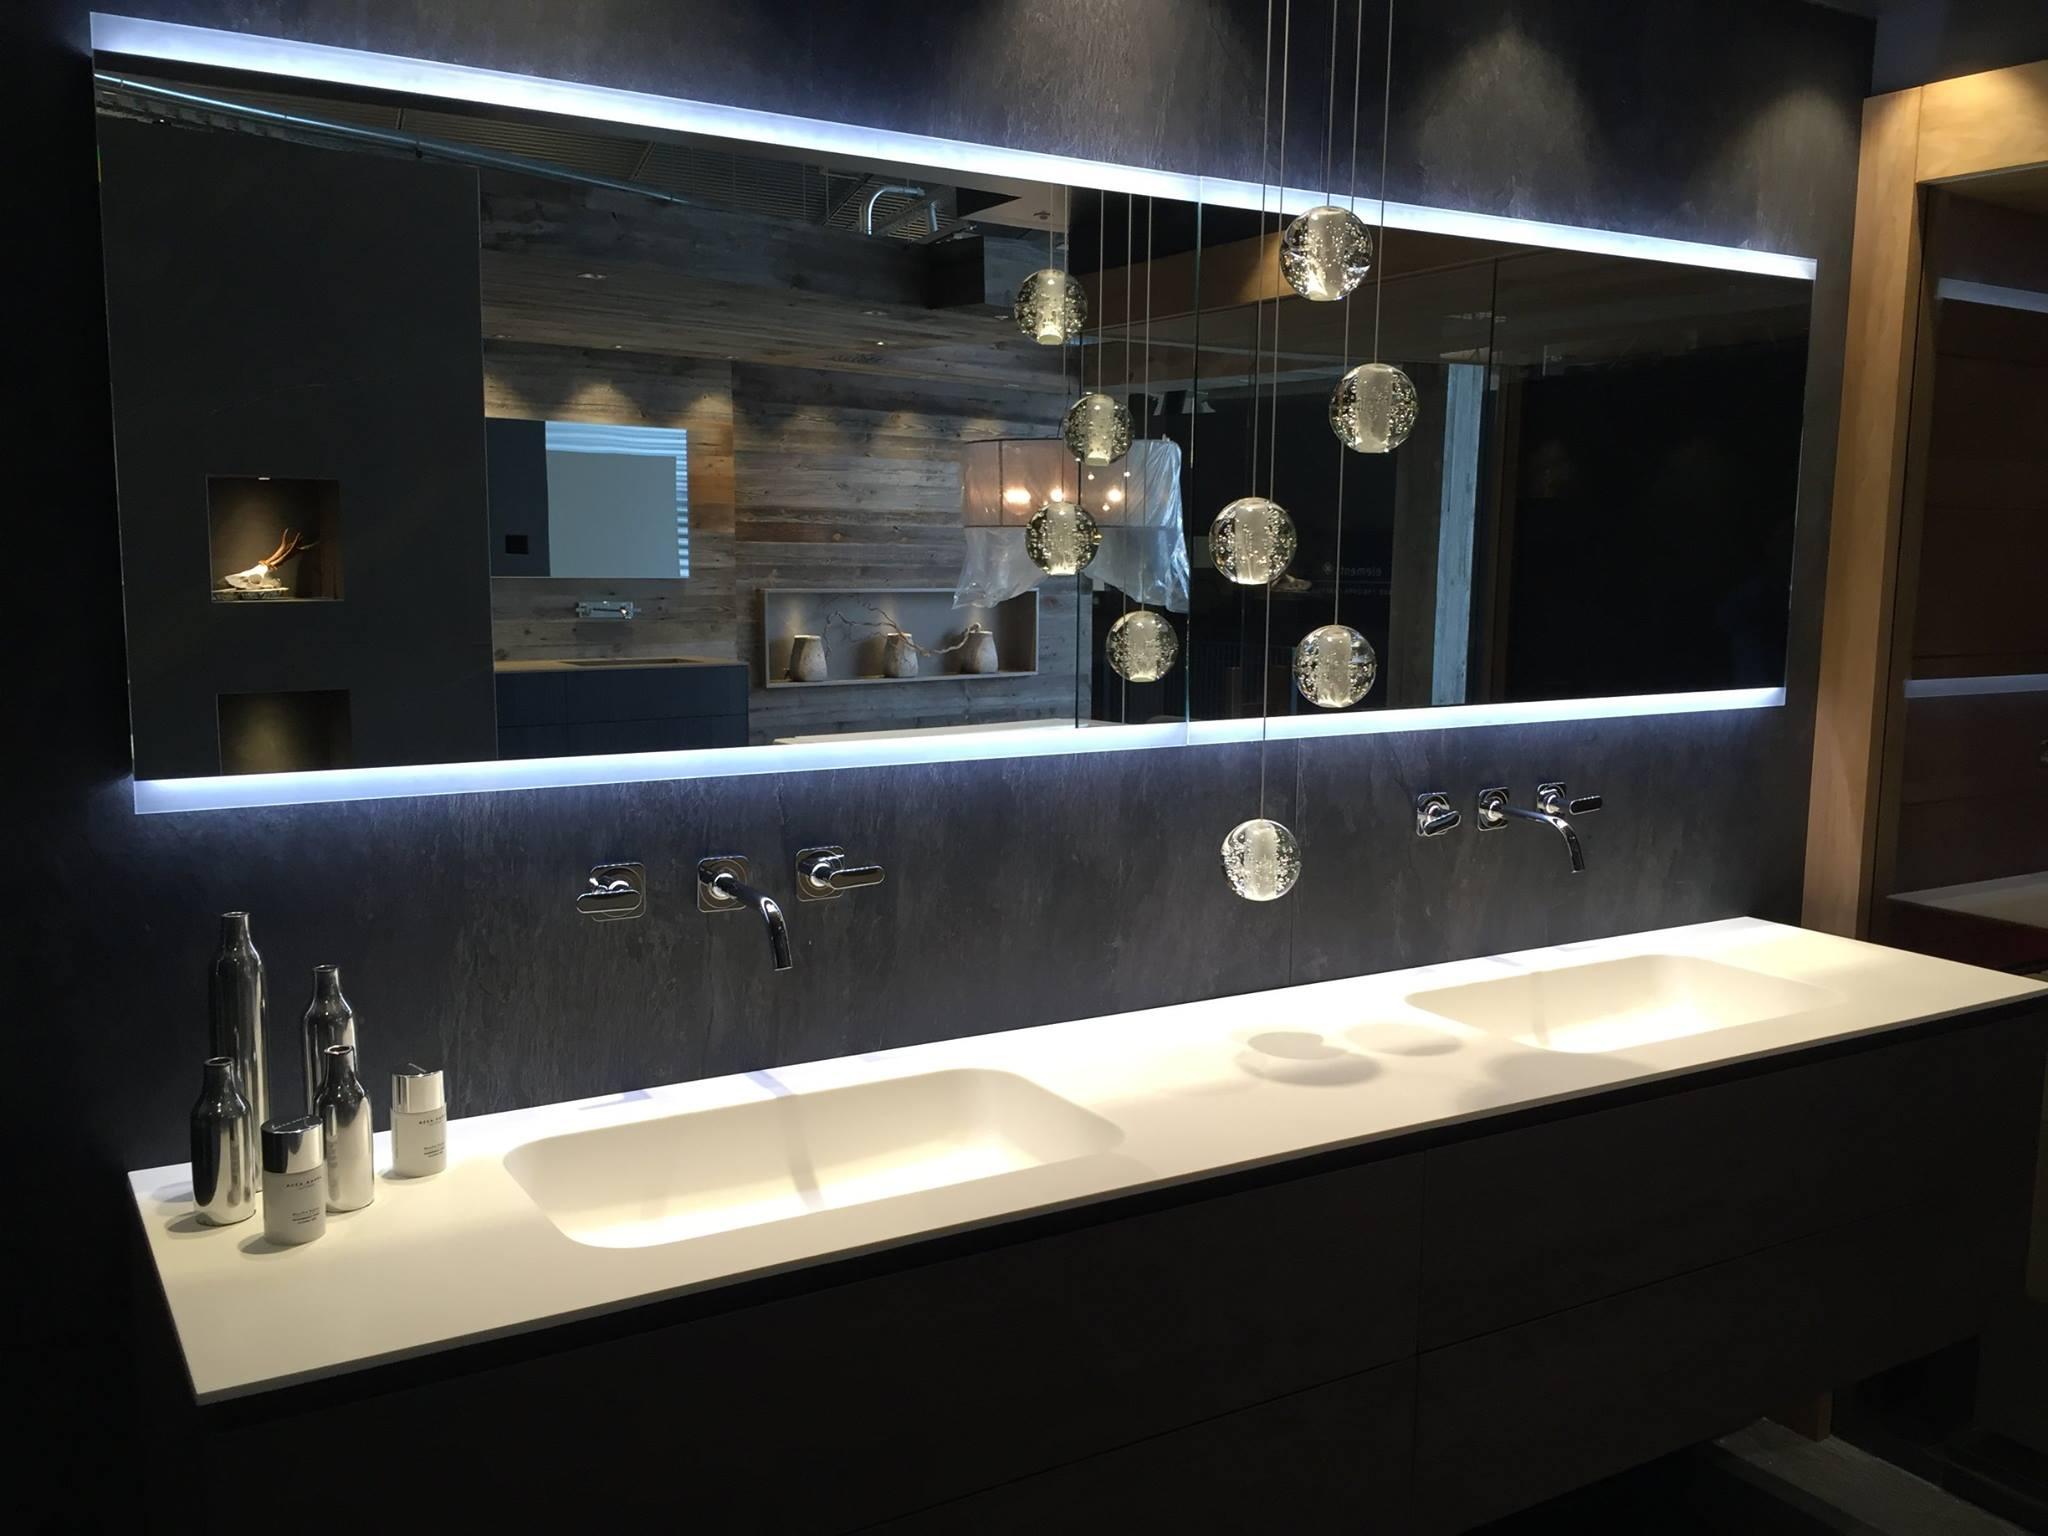 Bagno doppio lavandino e doppio specchio - Lavandino bagno moderno ...